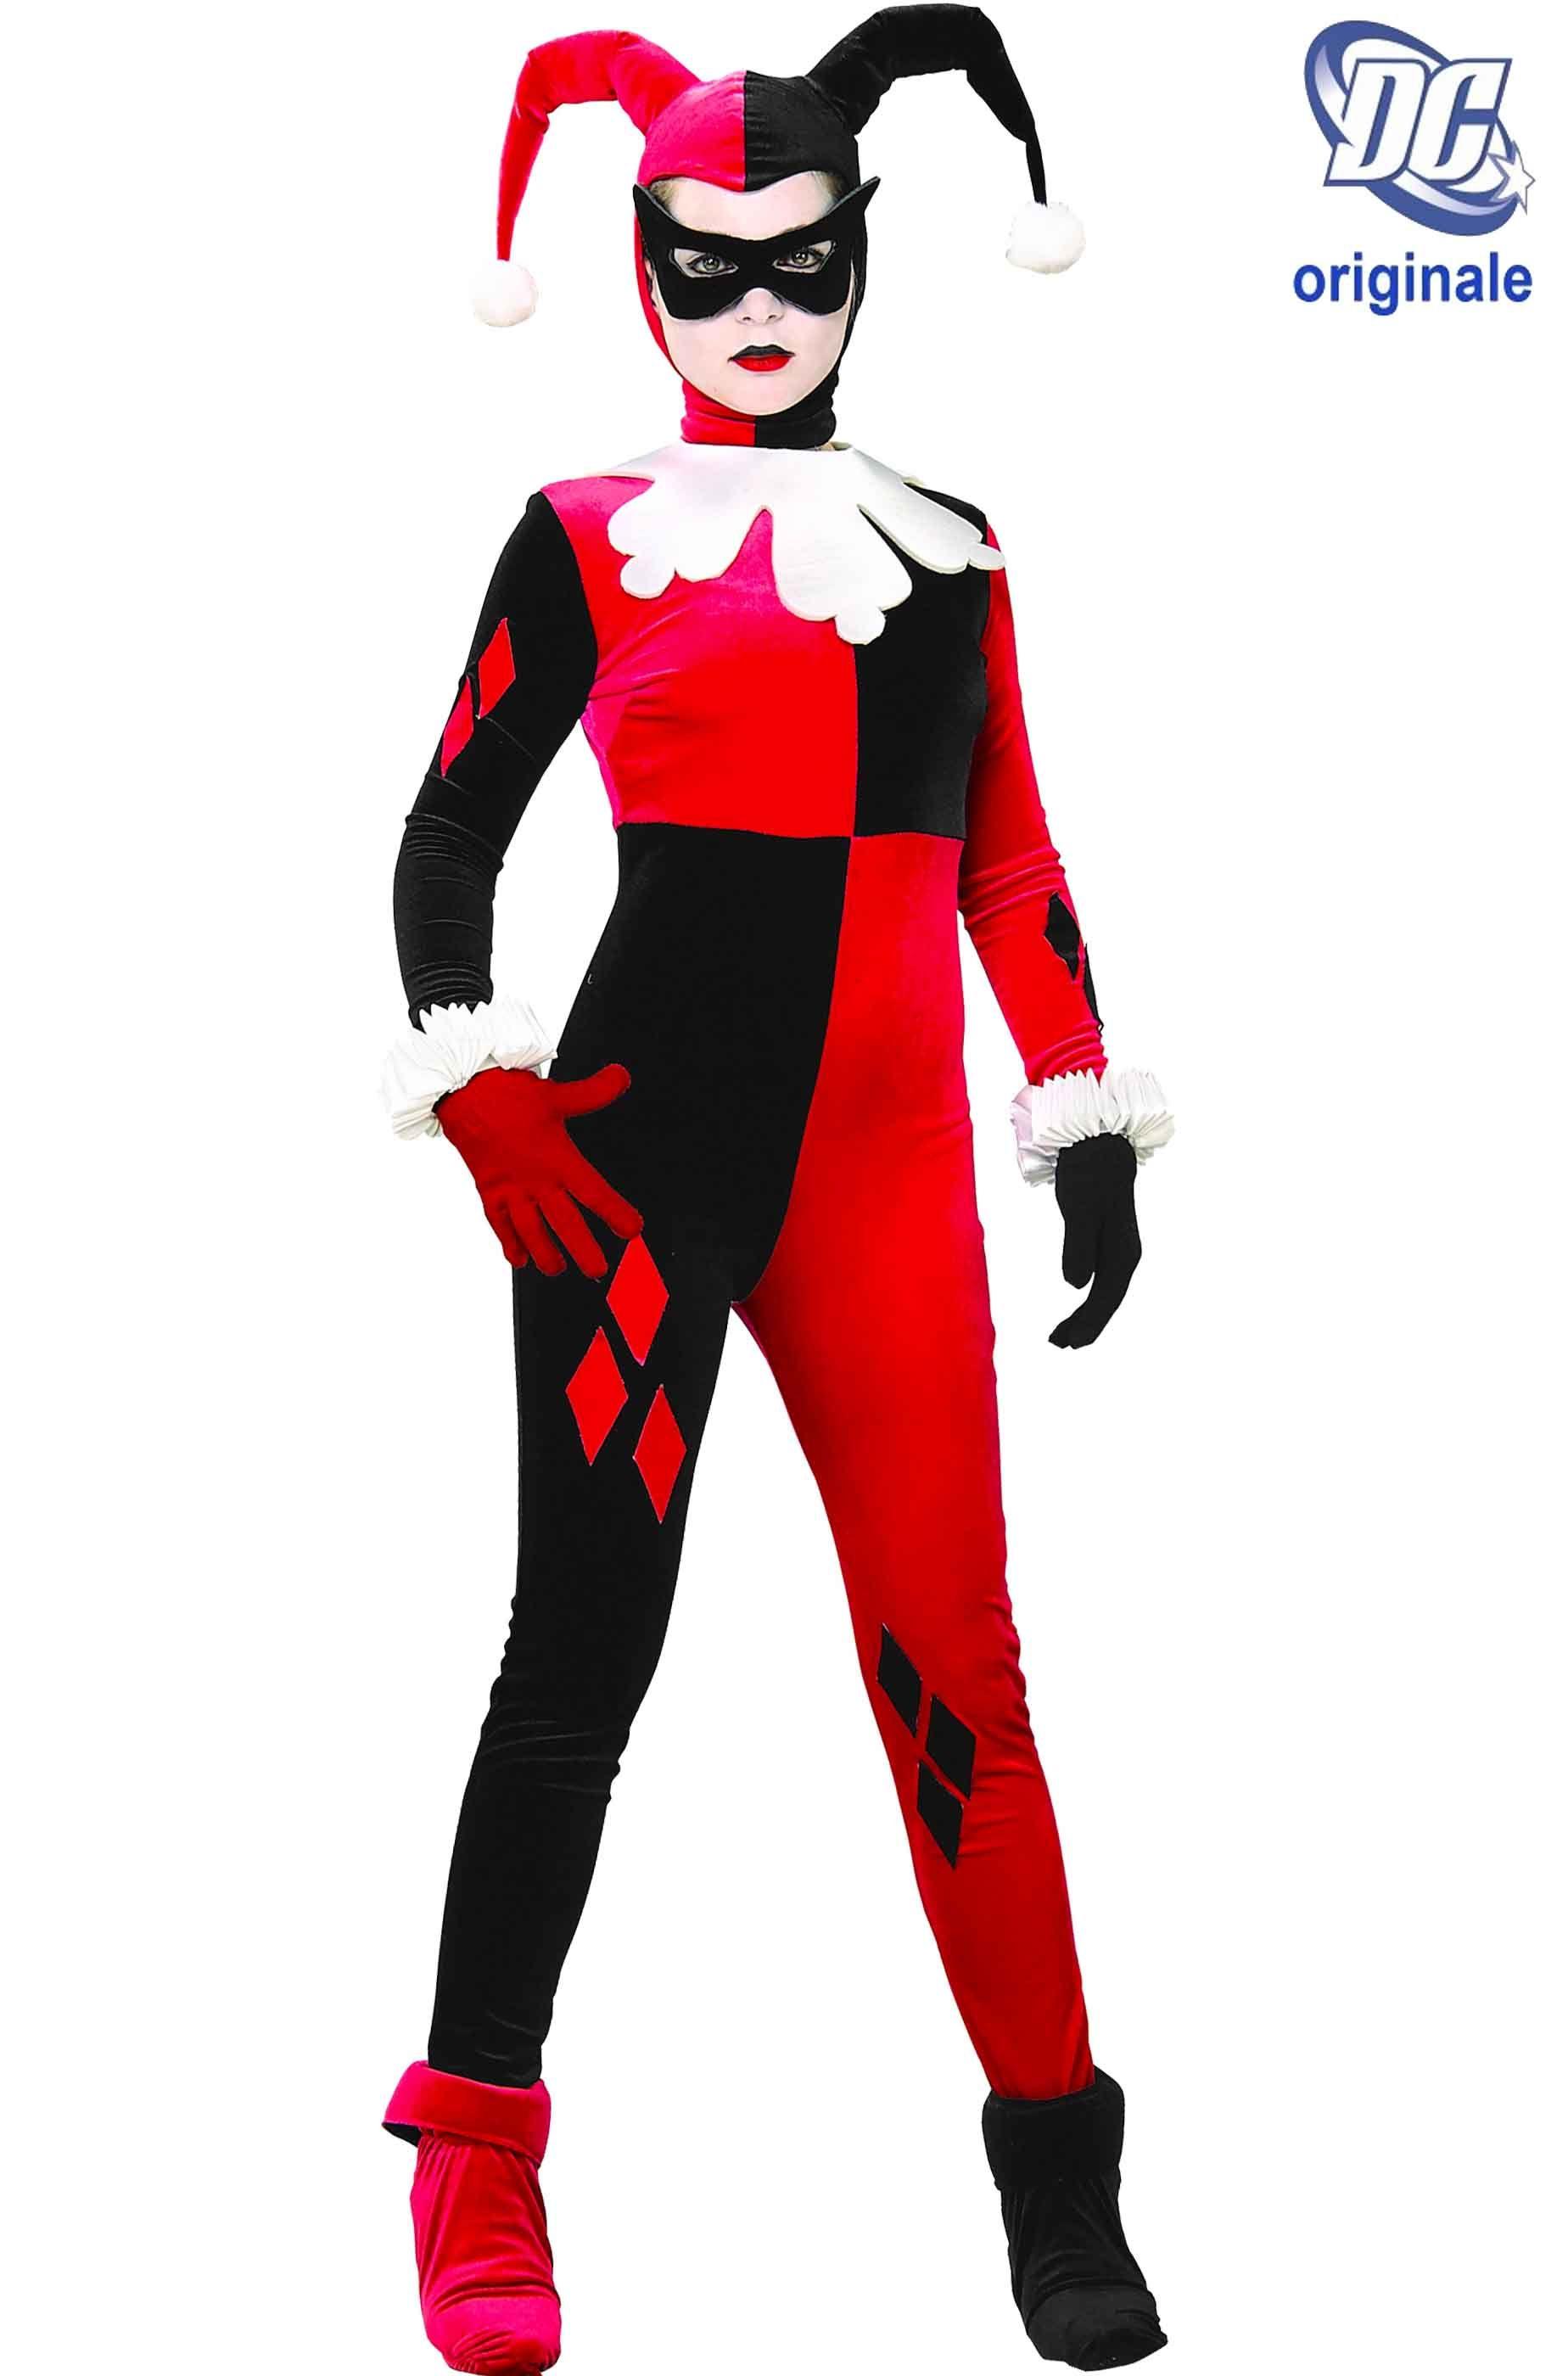 rapporto qualità-prezzo colore attraente vendite all'ingrosso Costume di Harley Quinn versione Comics Cartoon rosso e nero attillato